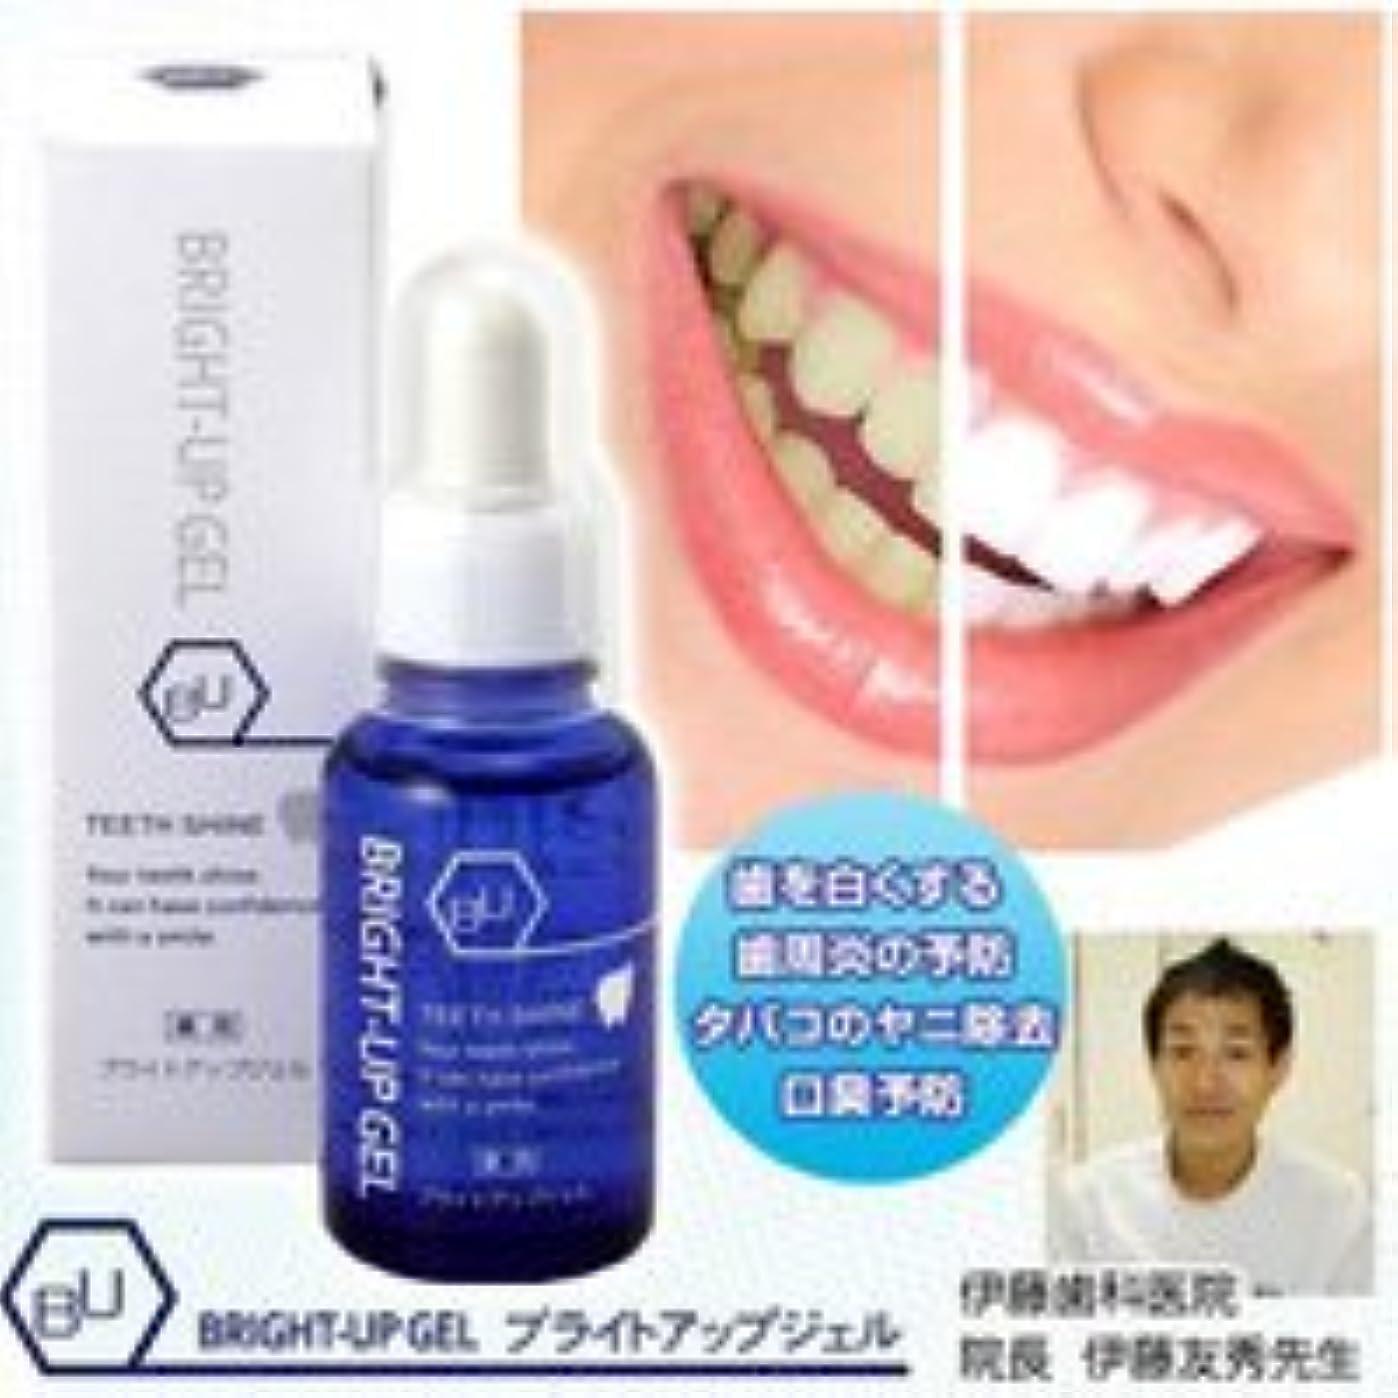 先行するわかるセットアップ薬用ブライトアップジェル☆歯科医監修の4つの医薬部外品含有のホワイトニングジェル